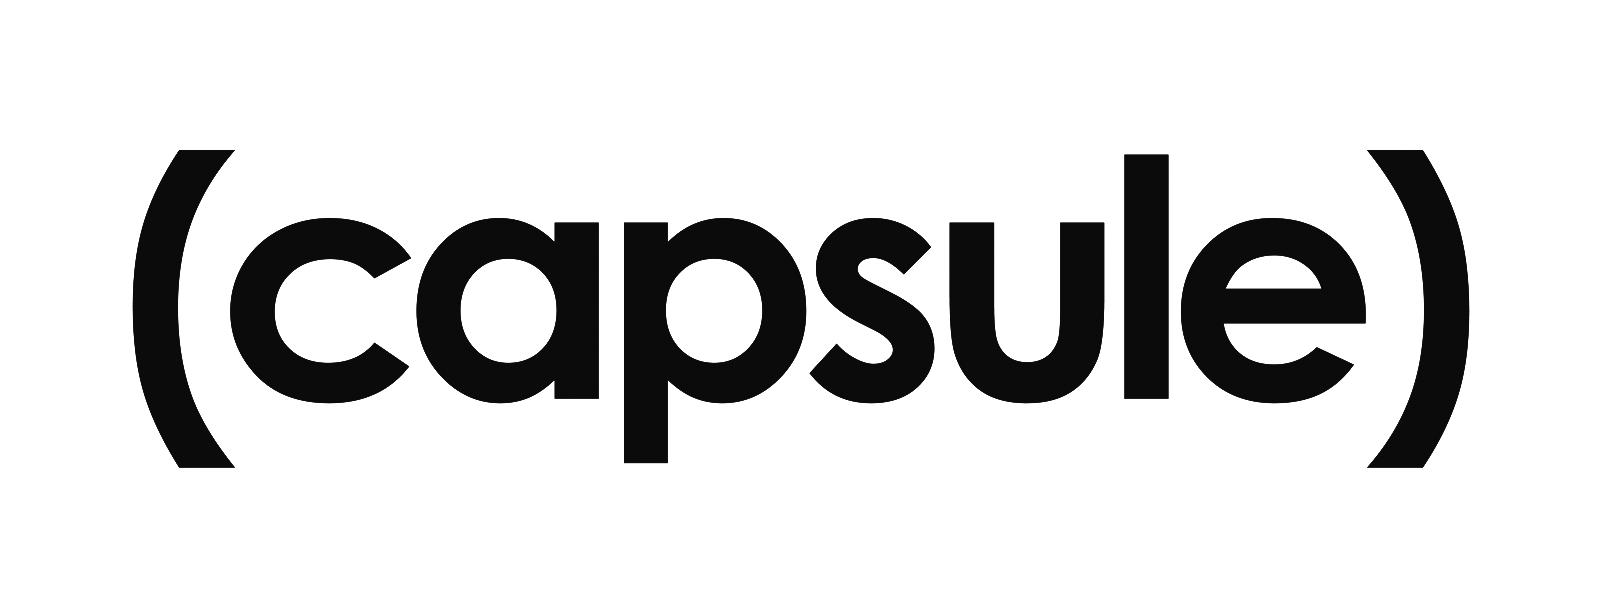 Capsule_logo.png